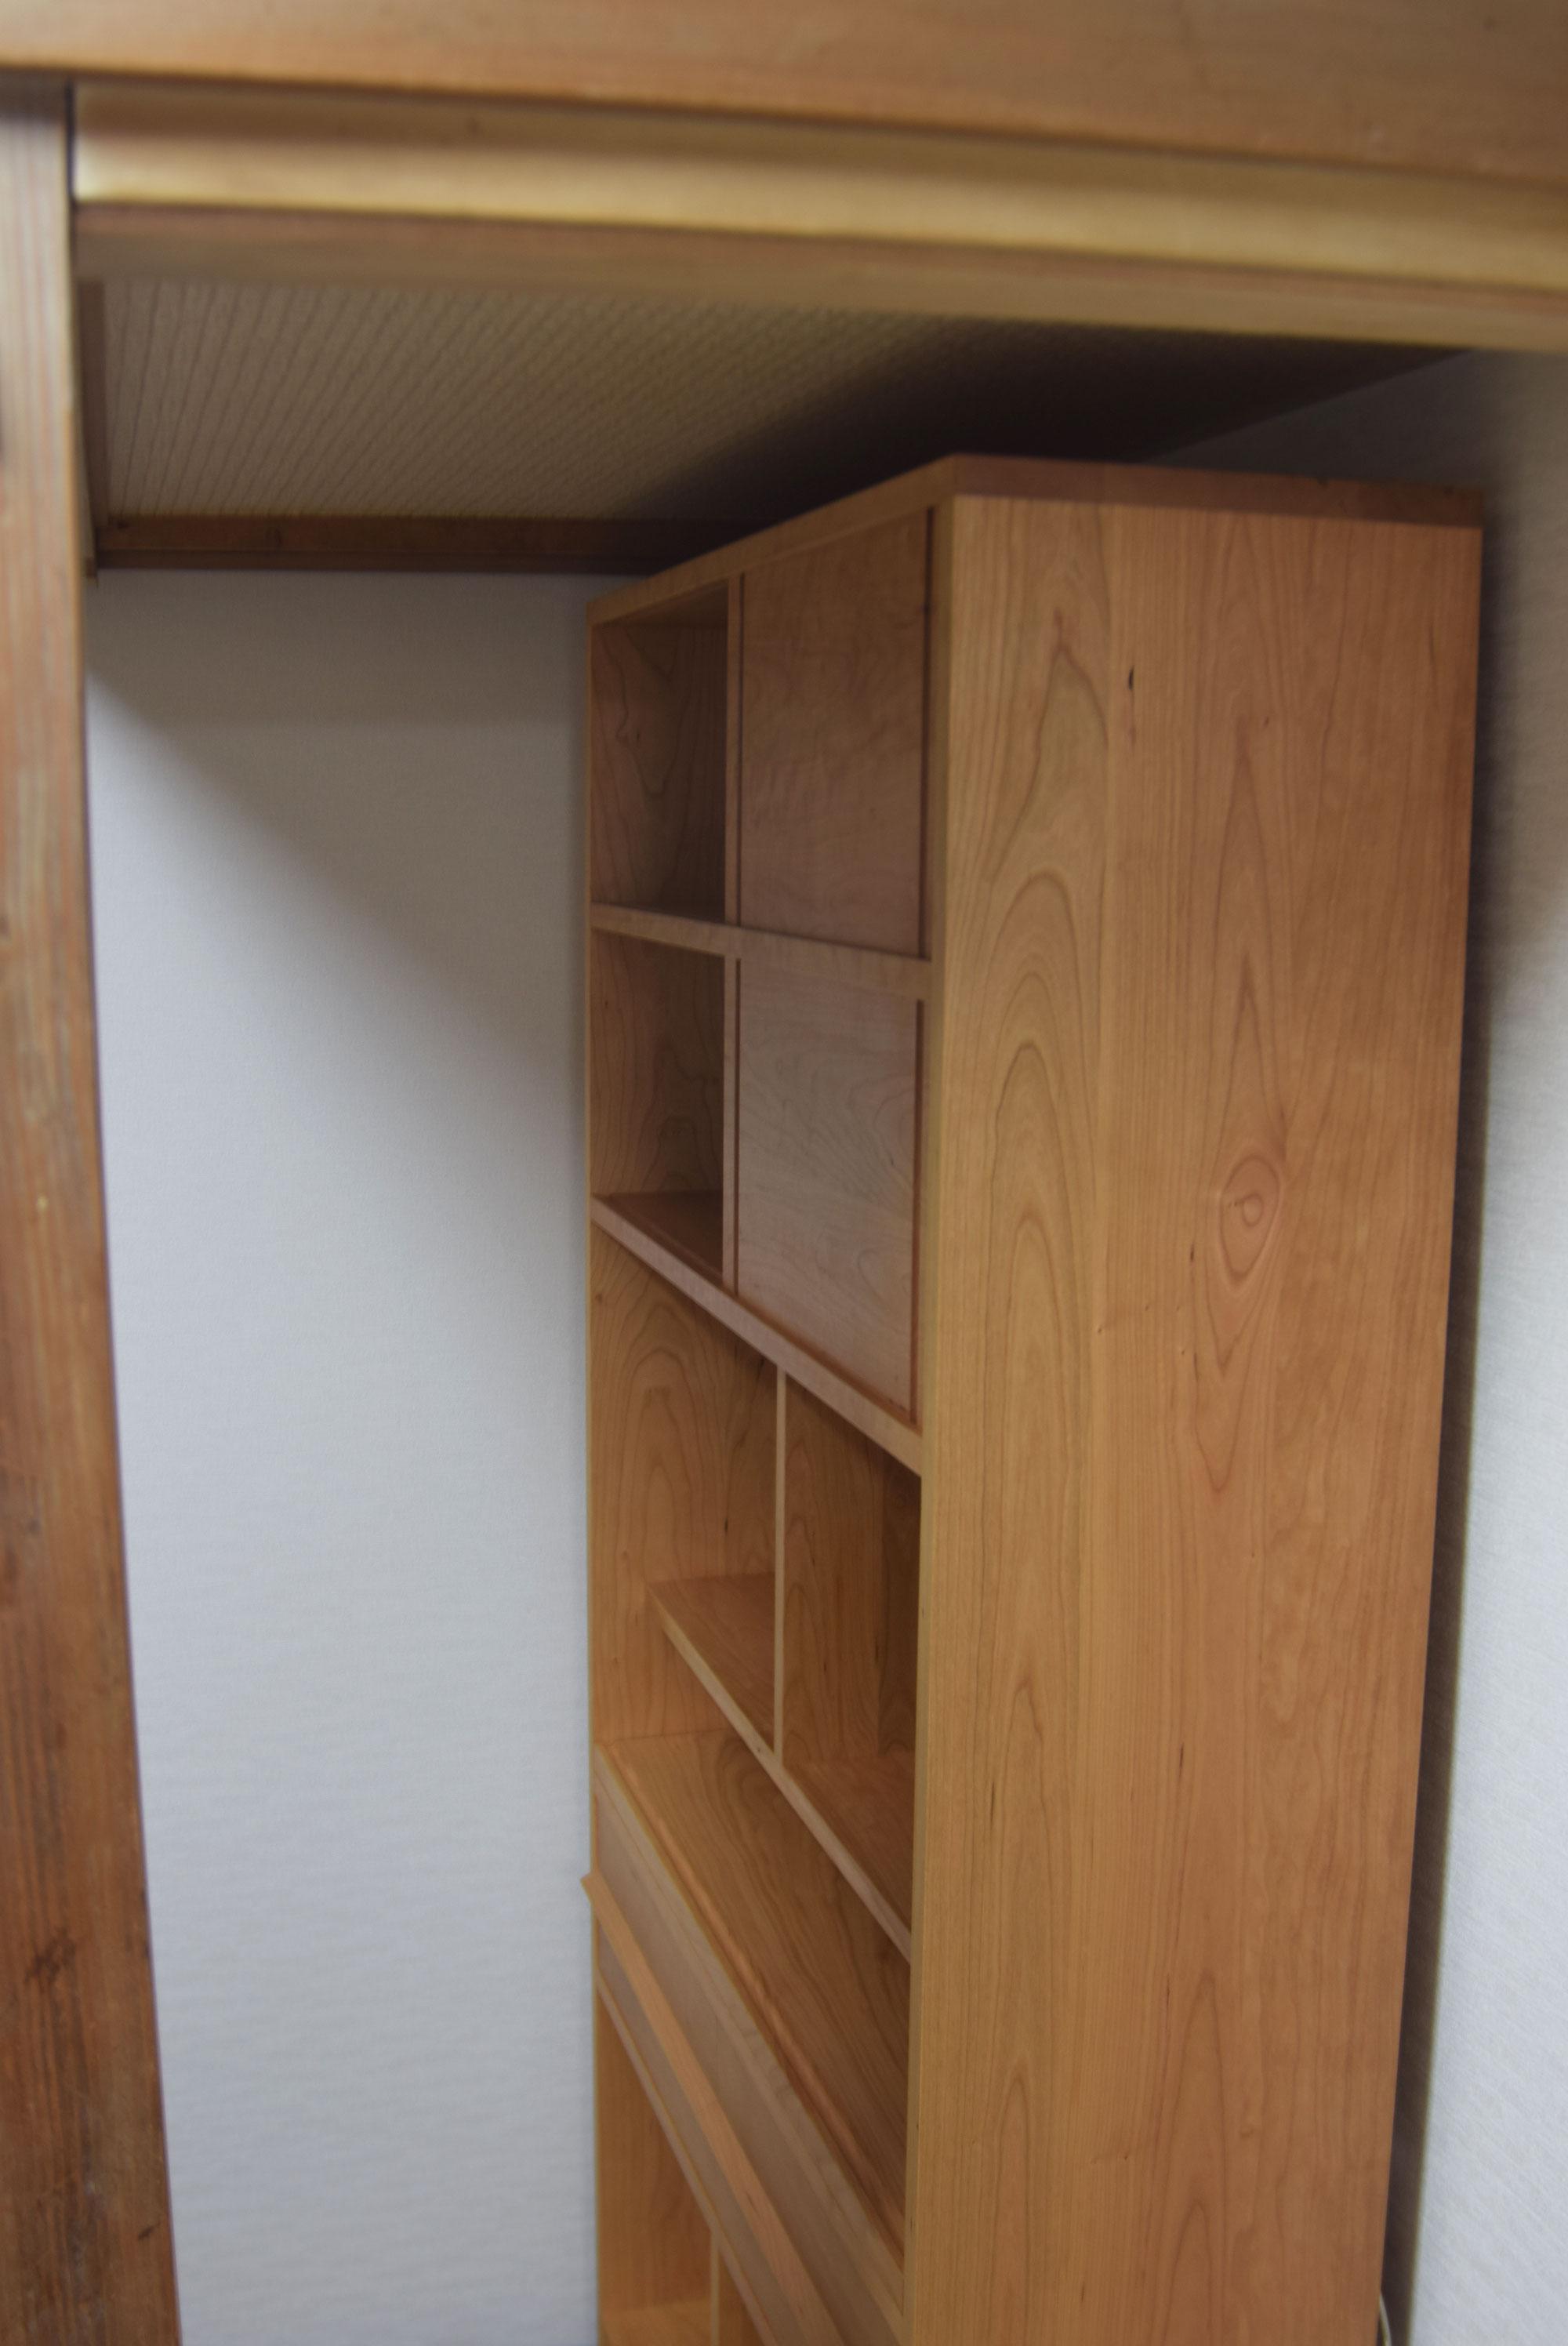 アメリカンチェリー材、TANAの仕様で製作したスライドデスク付きの本棚